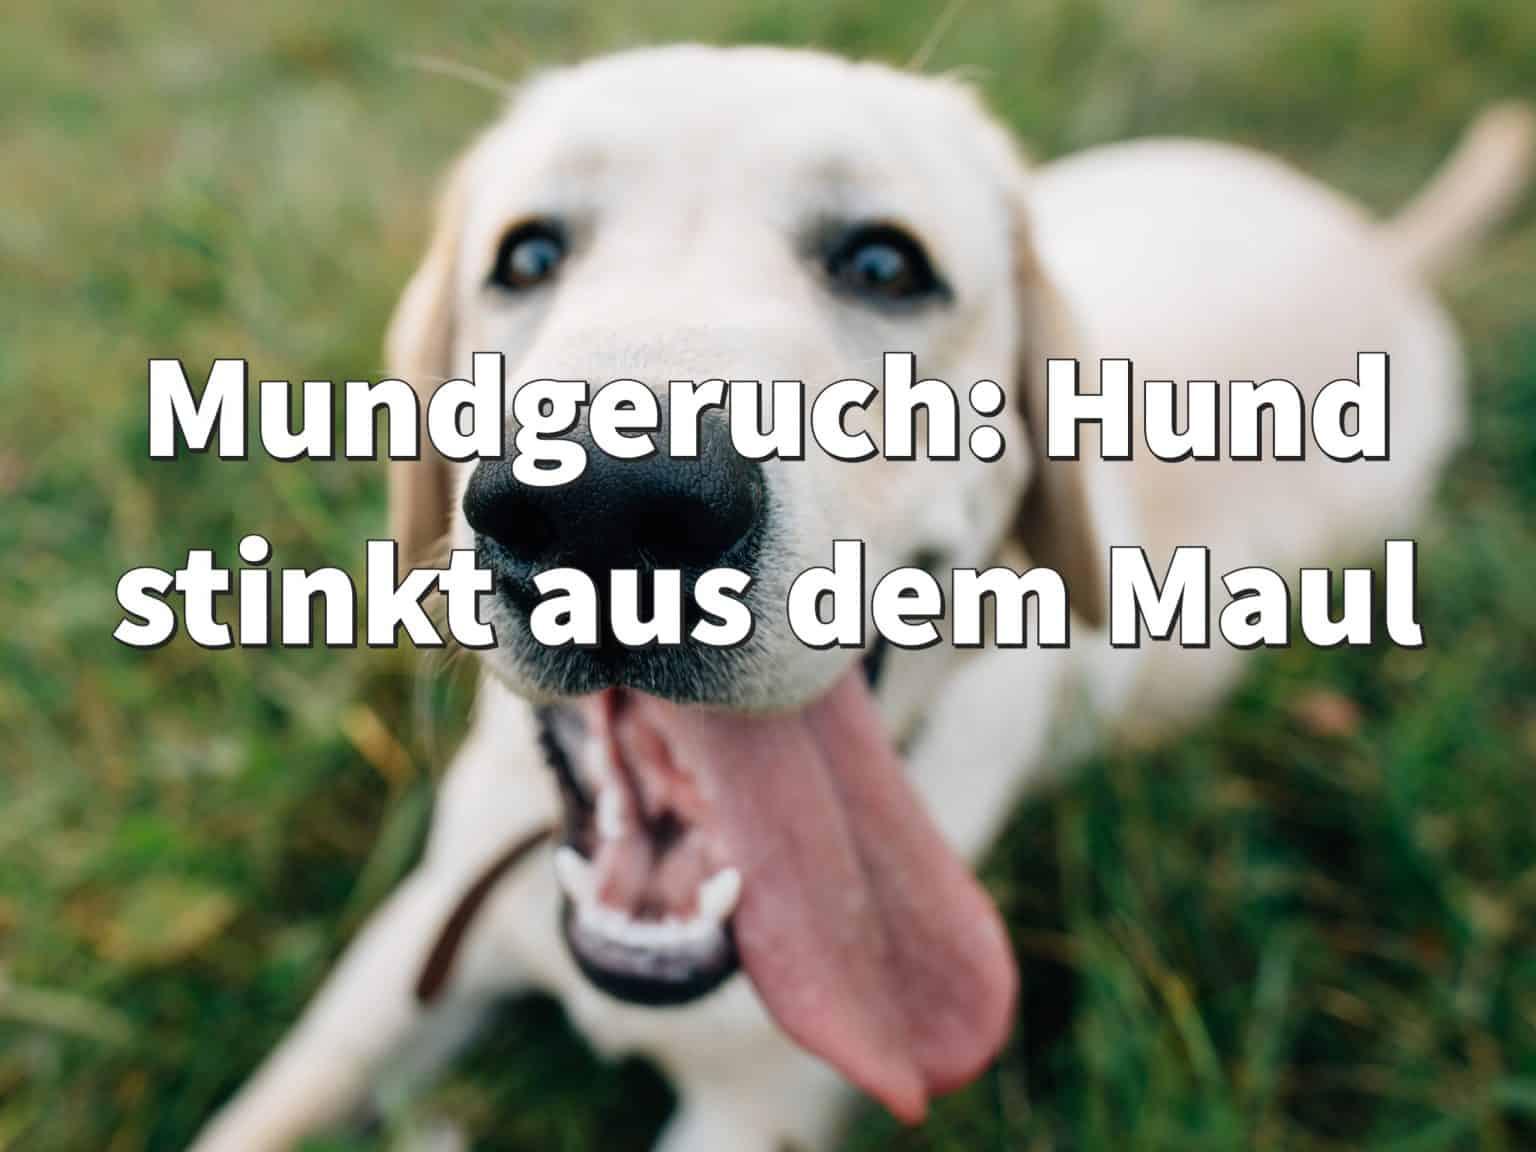 Mundgeruch: Hund stinkt aus dem Maul, Ursachen & Hausmittel